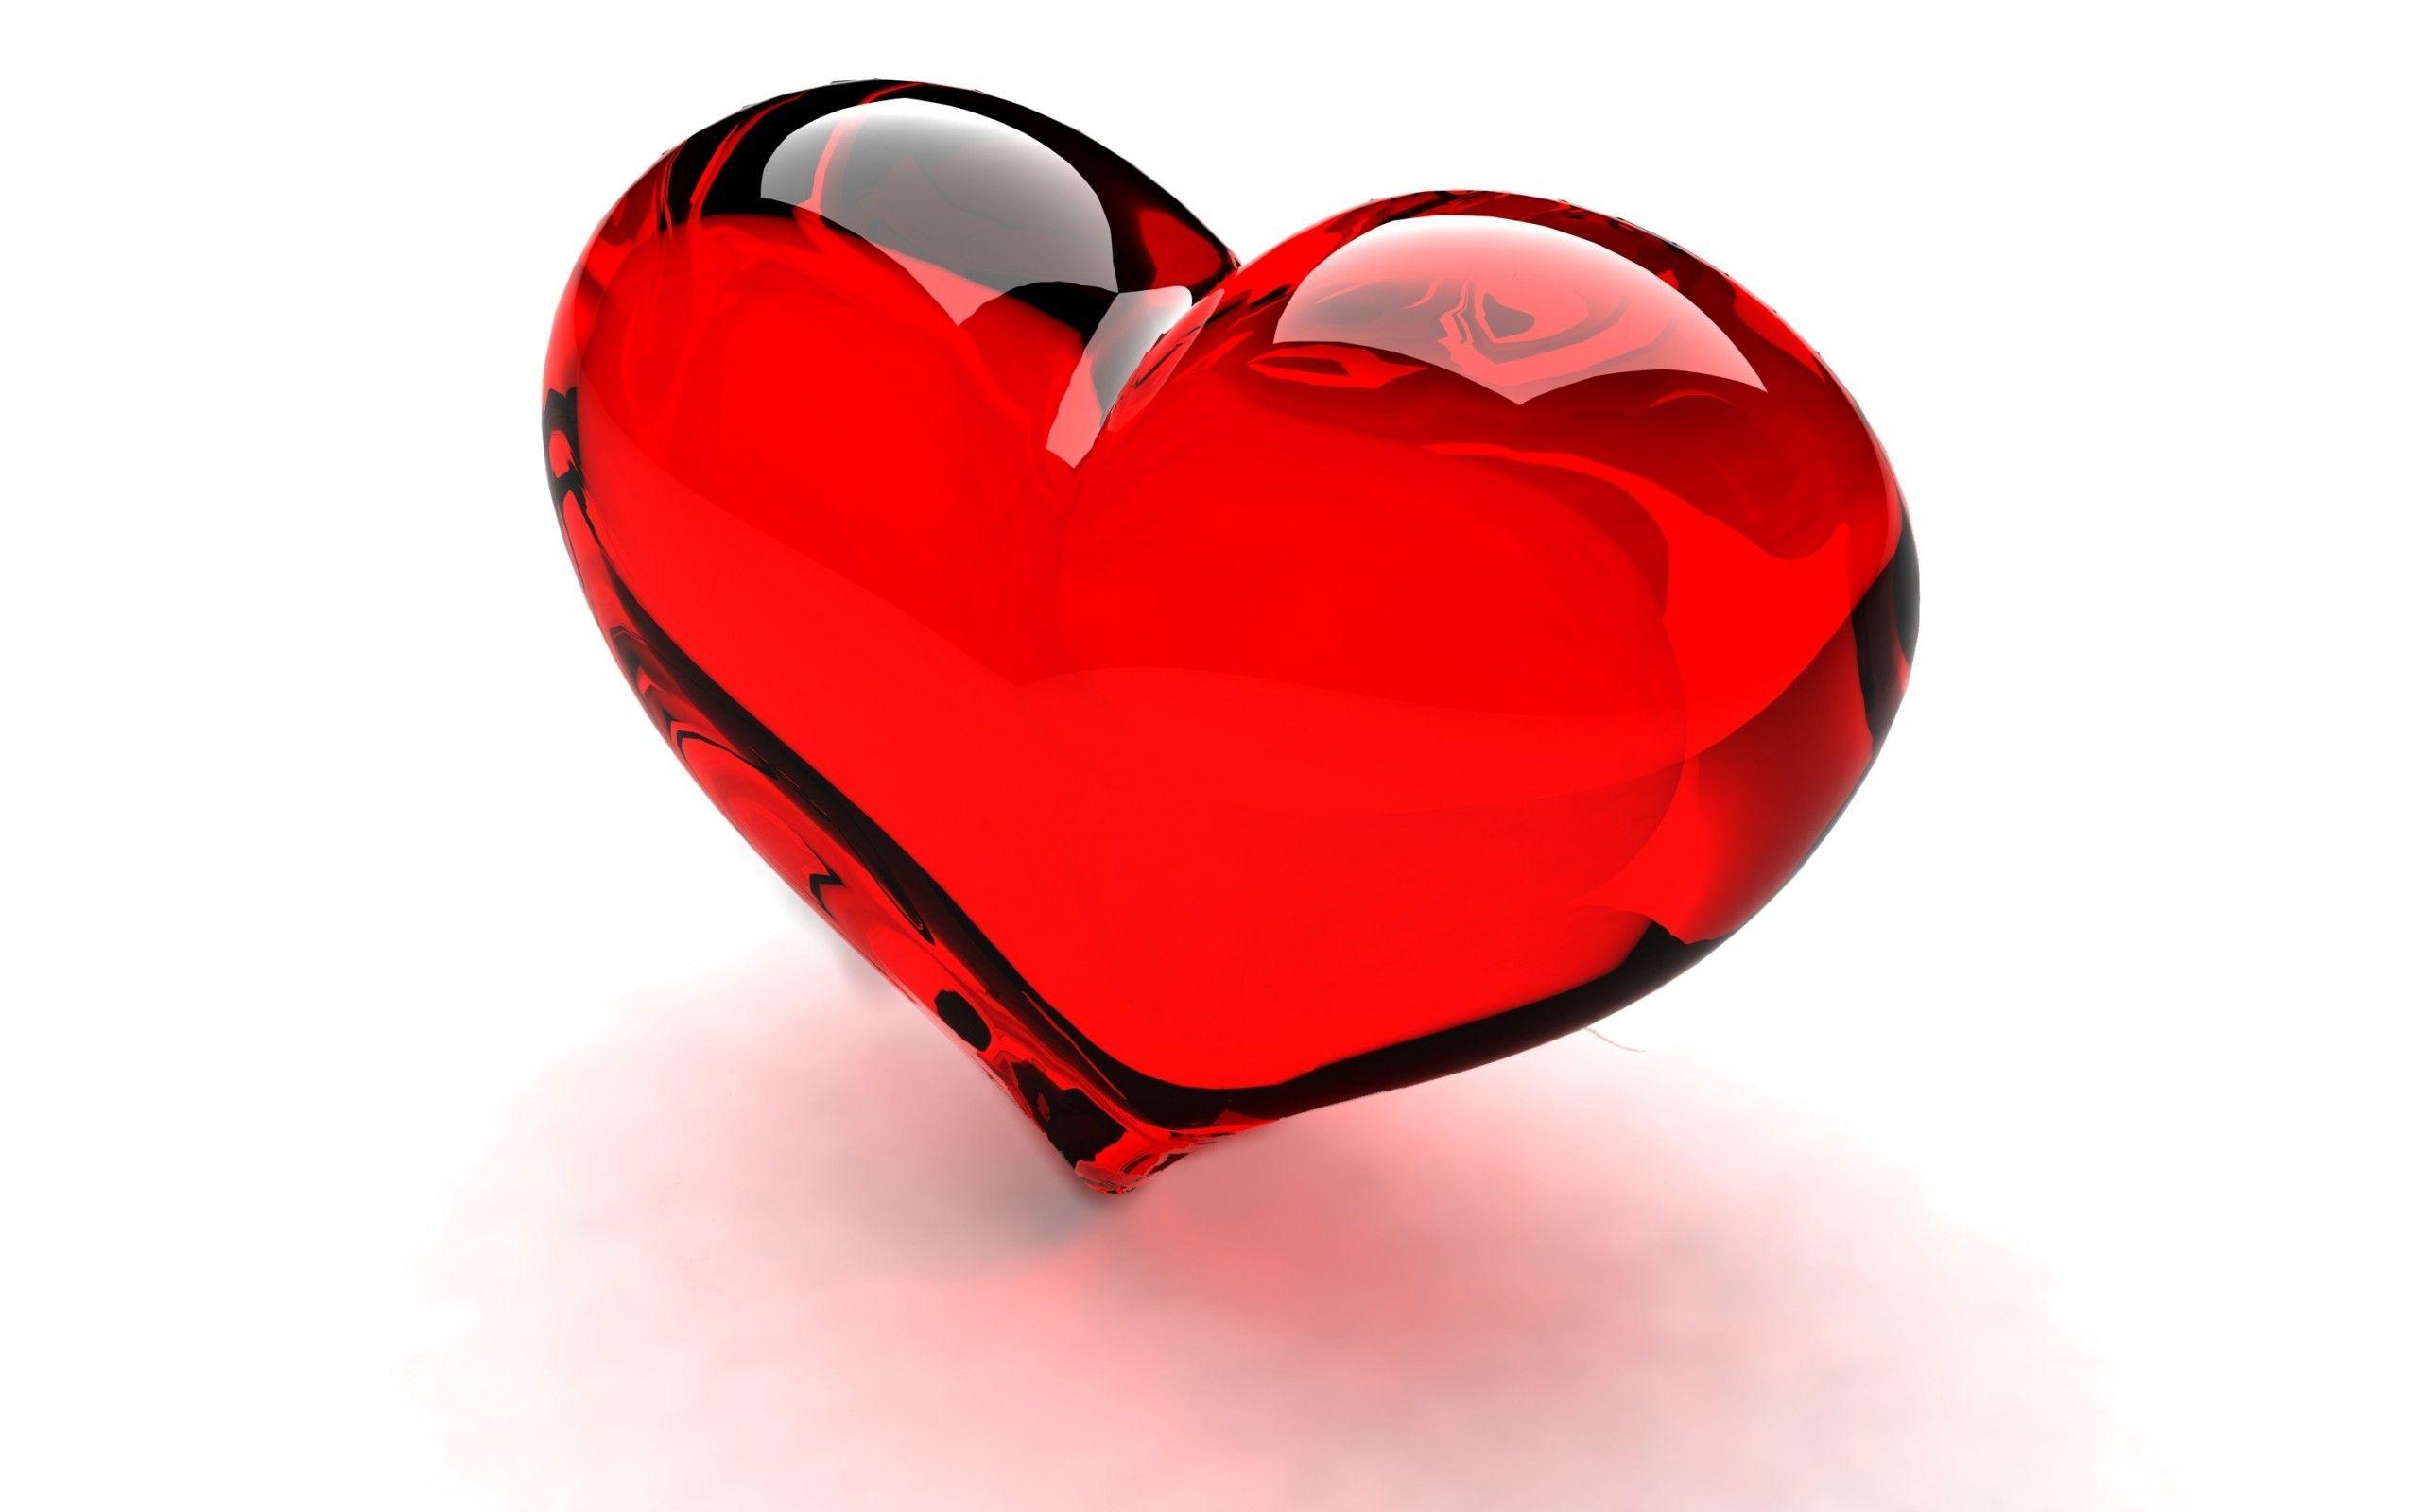 Sei a rischio infarto? [TEST]